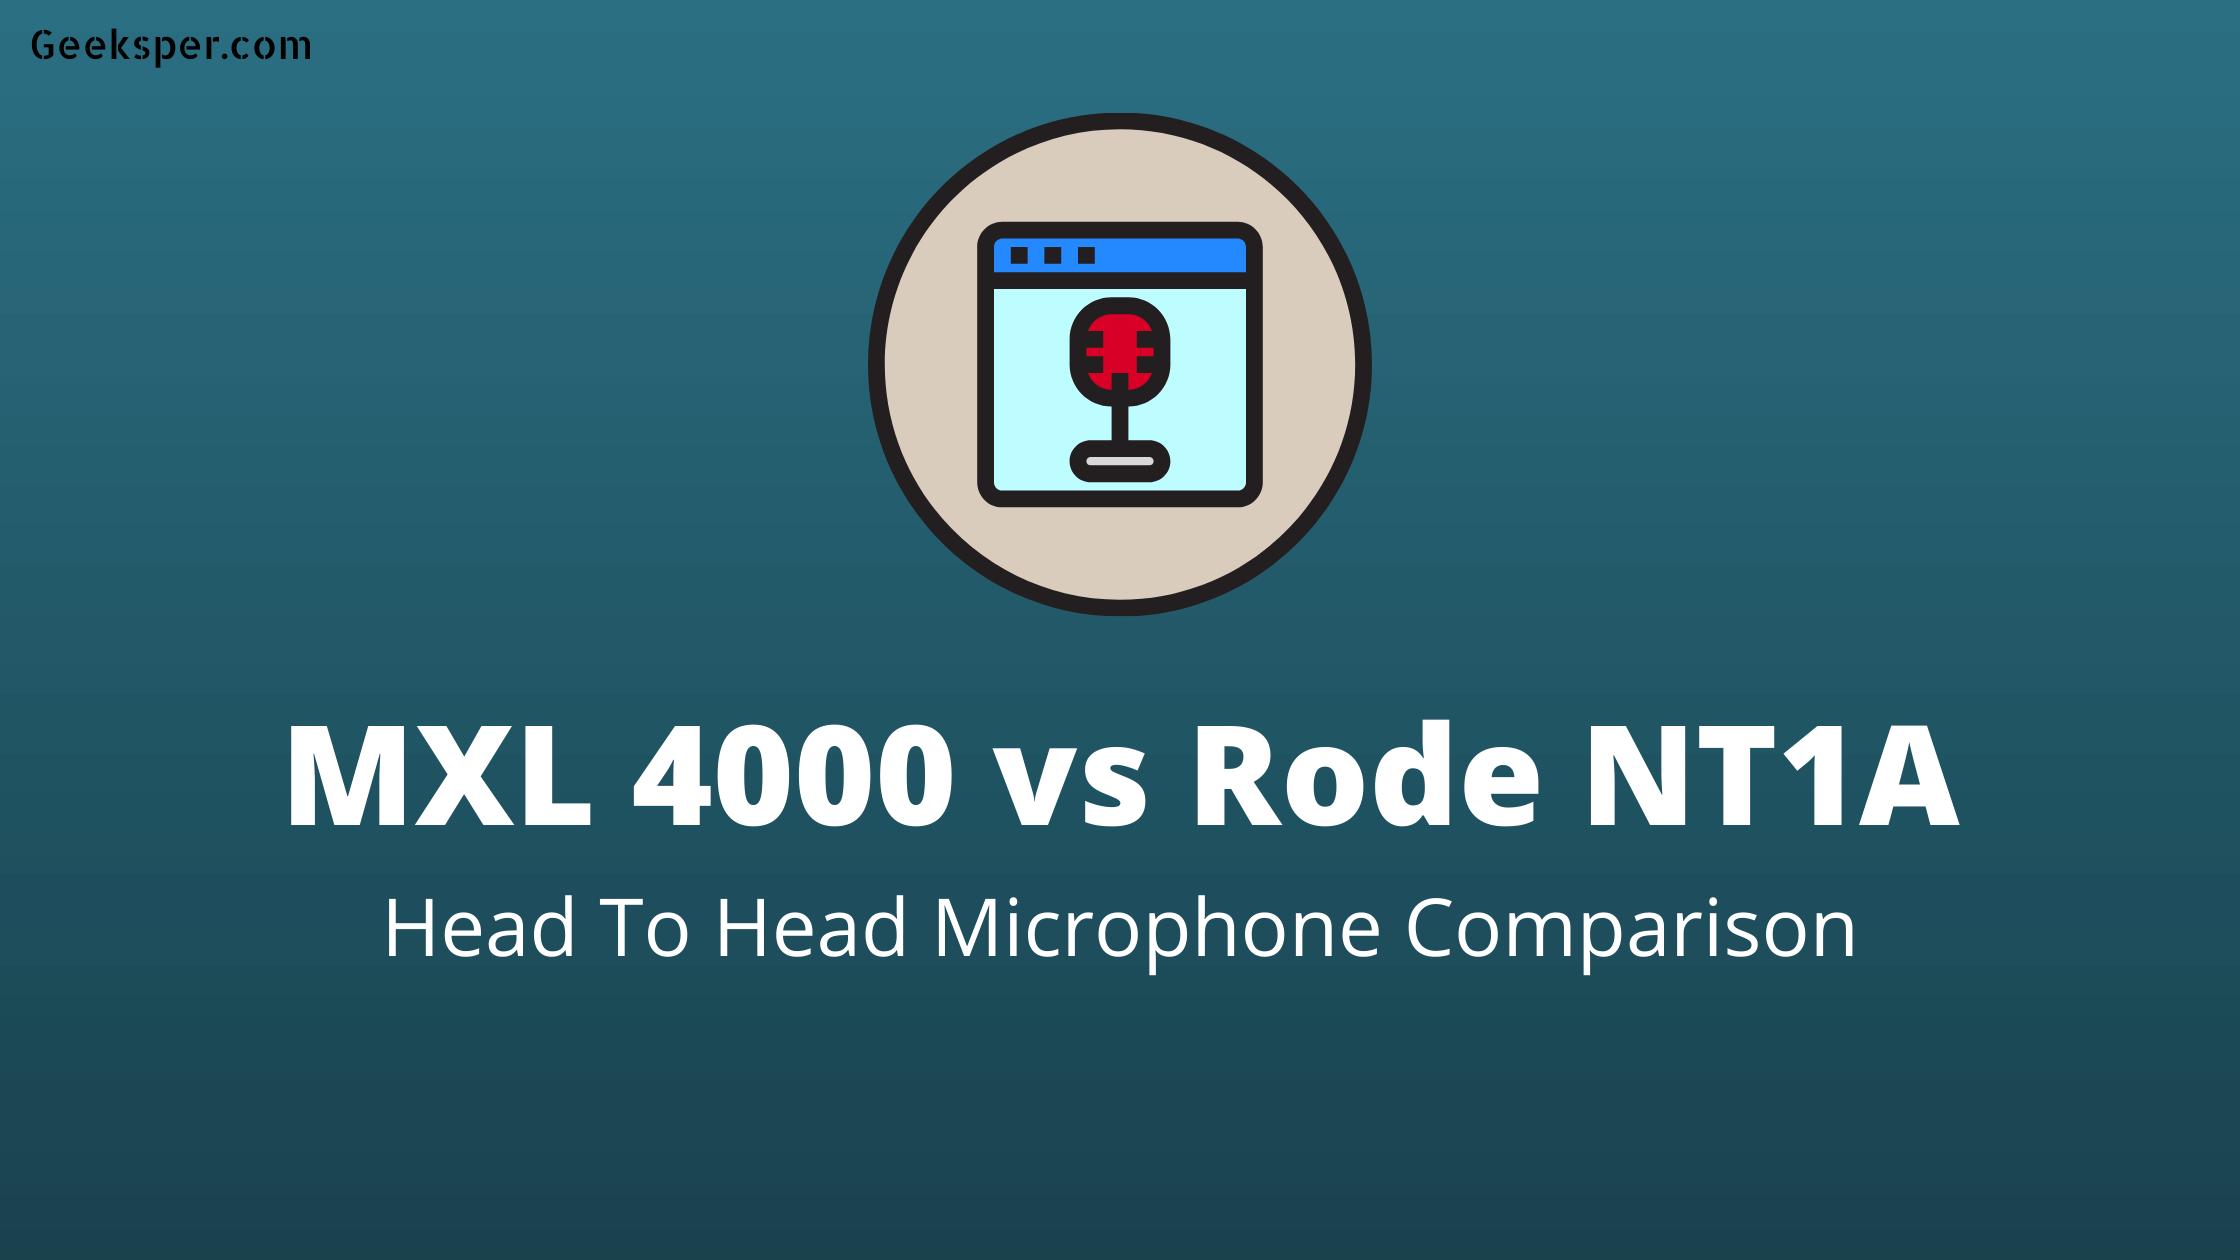 MXL 4000 vs Rode NT1A